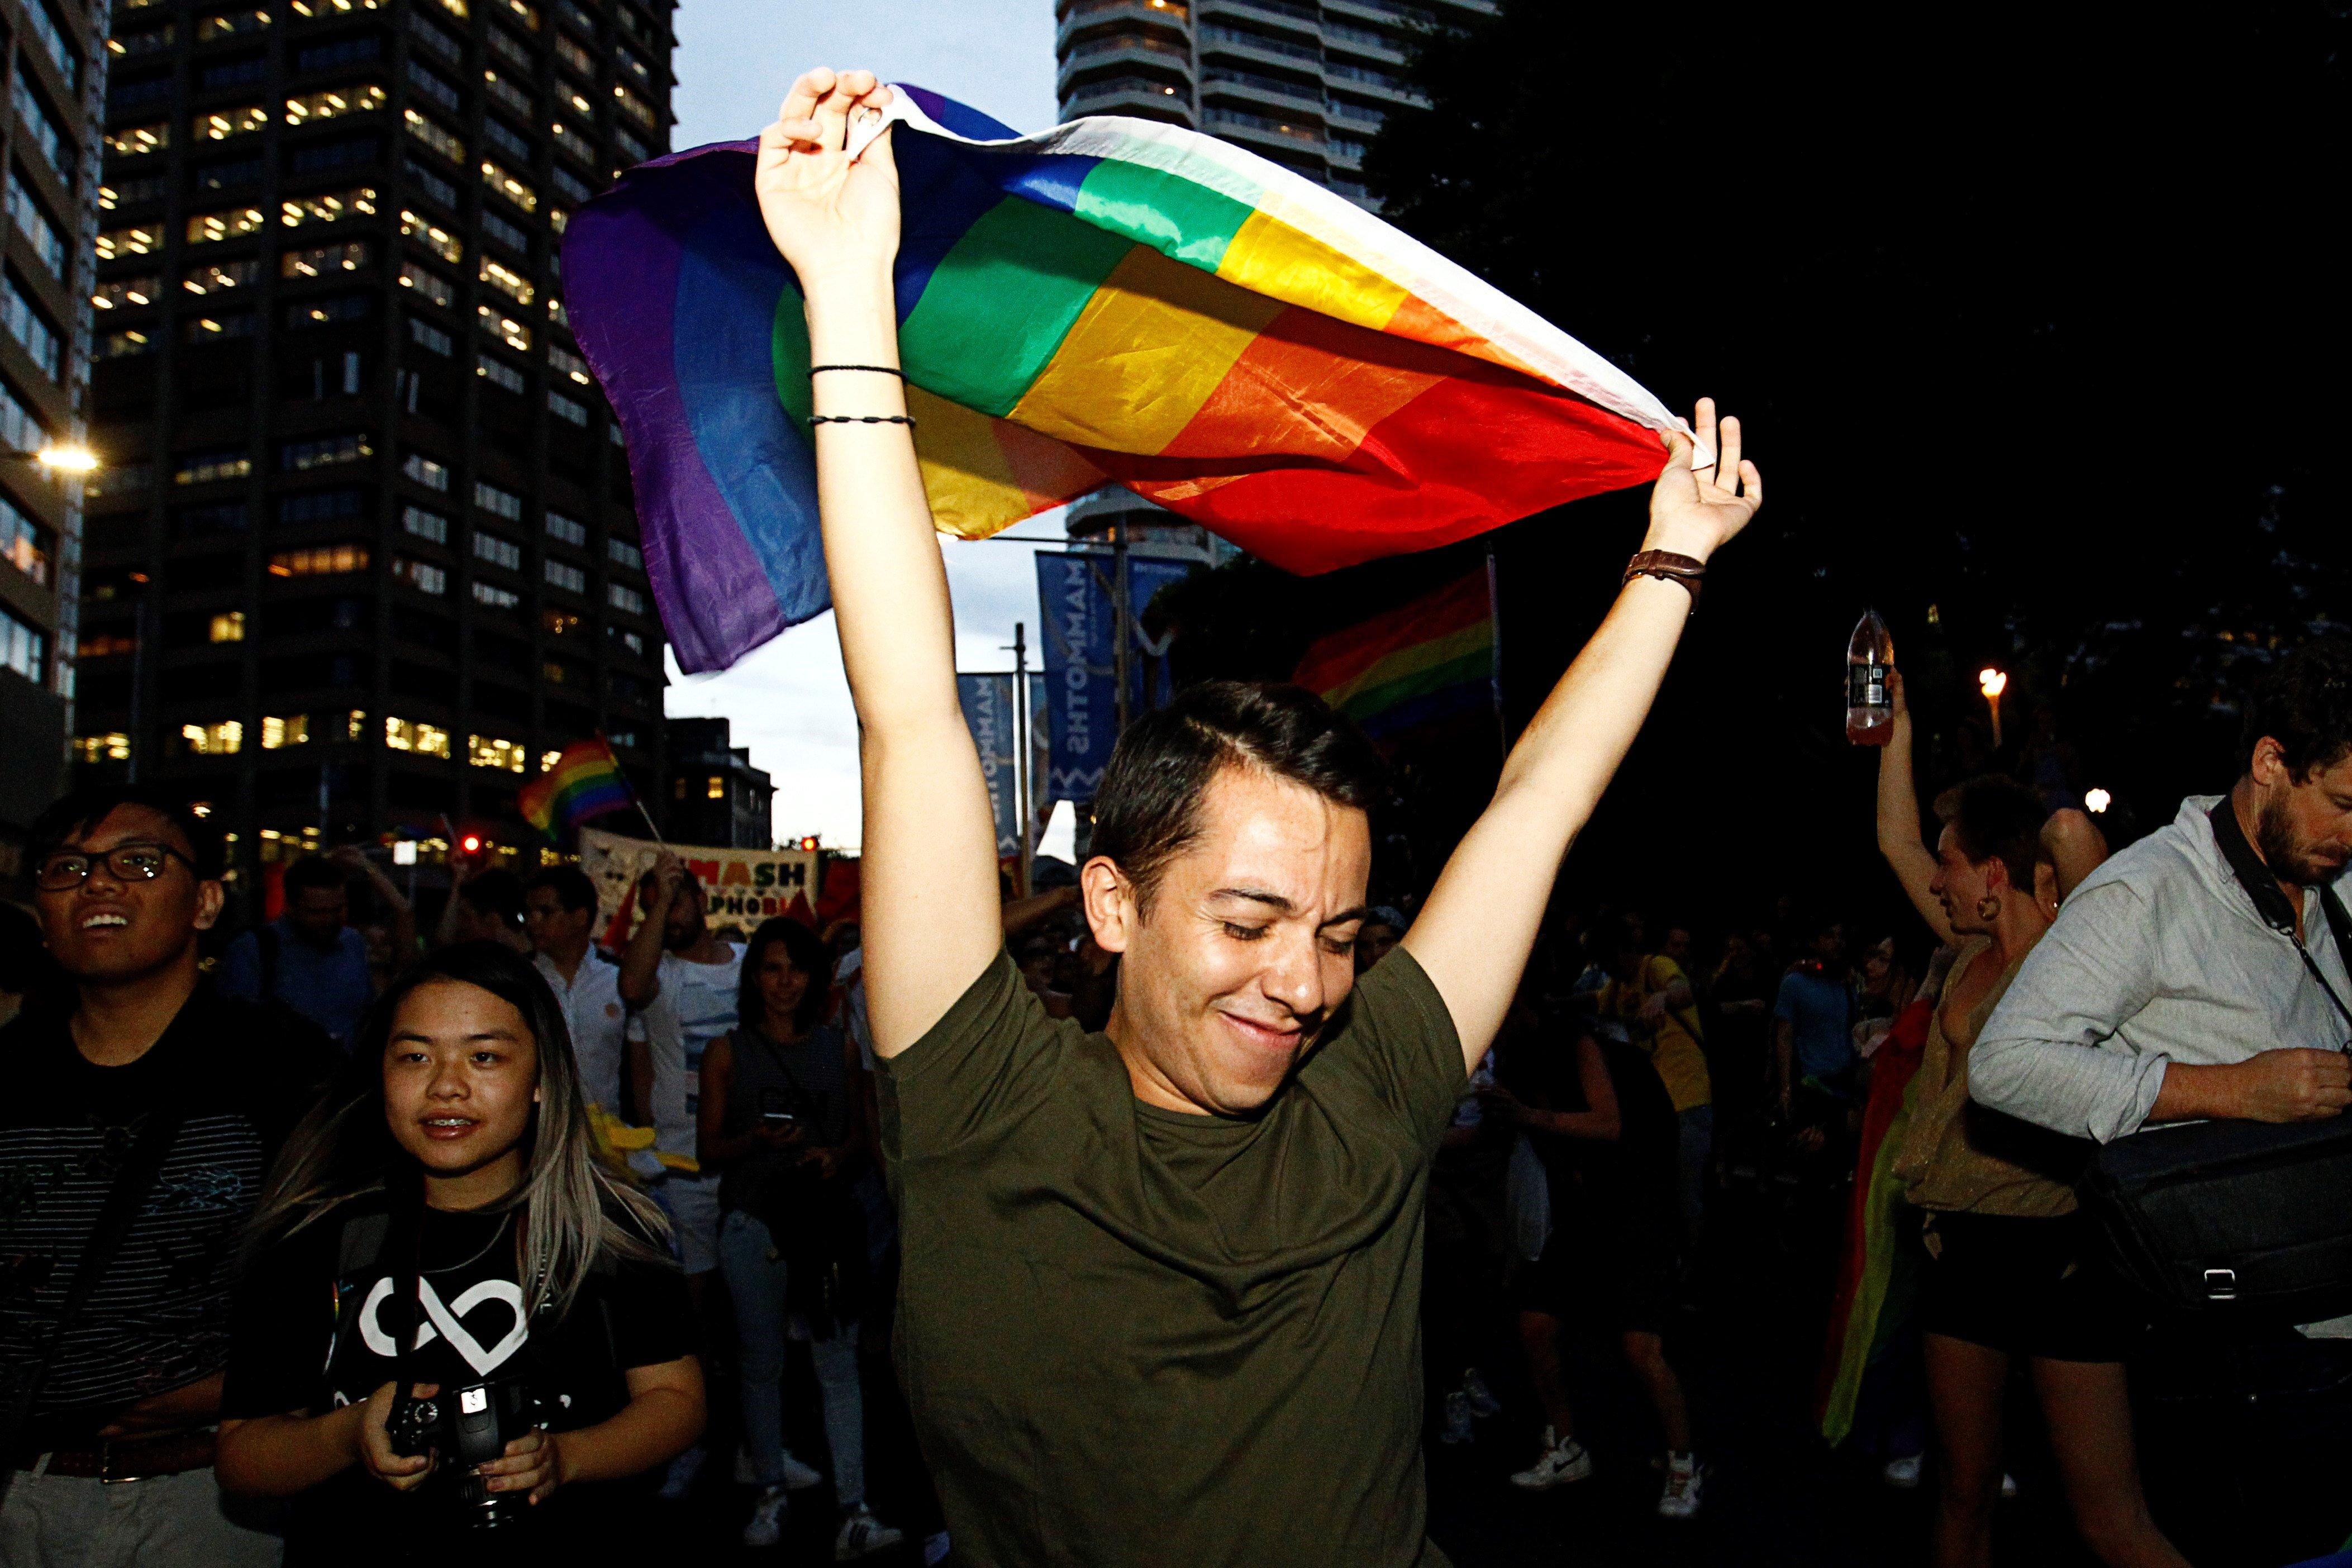 Austràlia avança cap a la legalització del matrimoni homosexual. El Parlament tramitarà la nova llei després de la clara victòria del sí en una enquesta postal. /DANNY CASEY